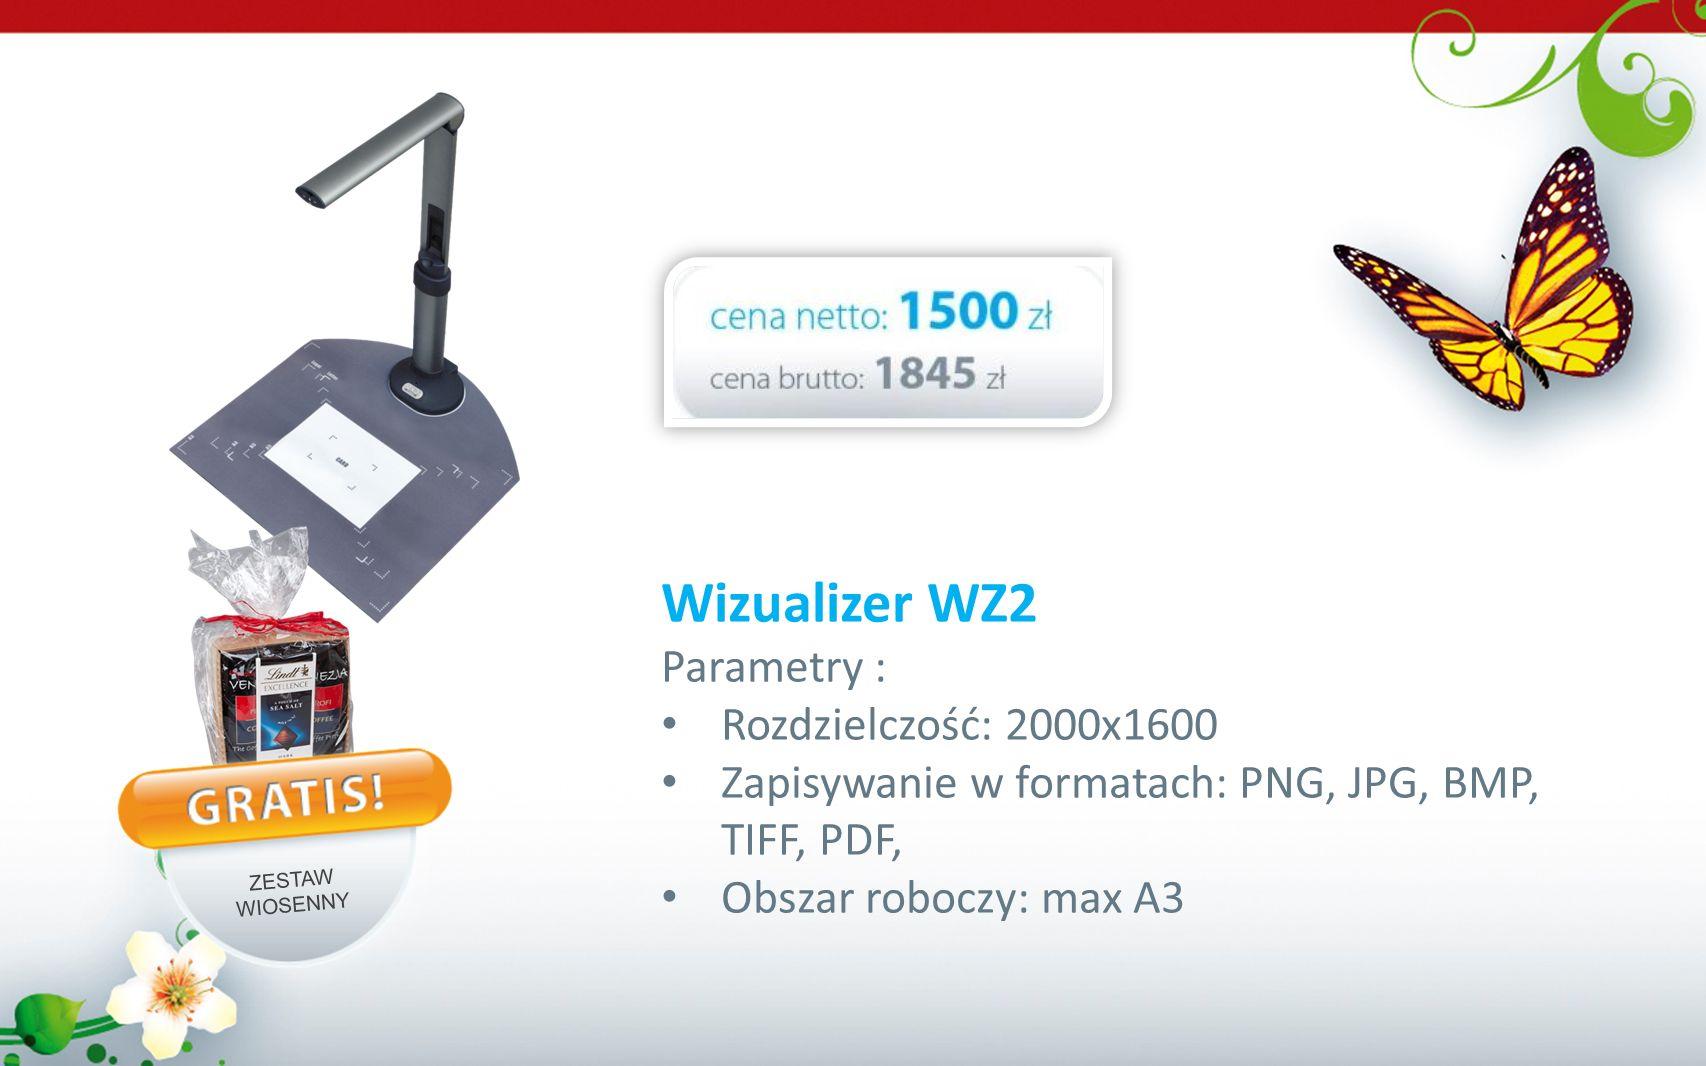 Wizualizer WZ2 Parametry : Rozdzielczość: 2000x1600